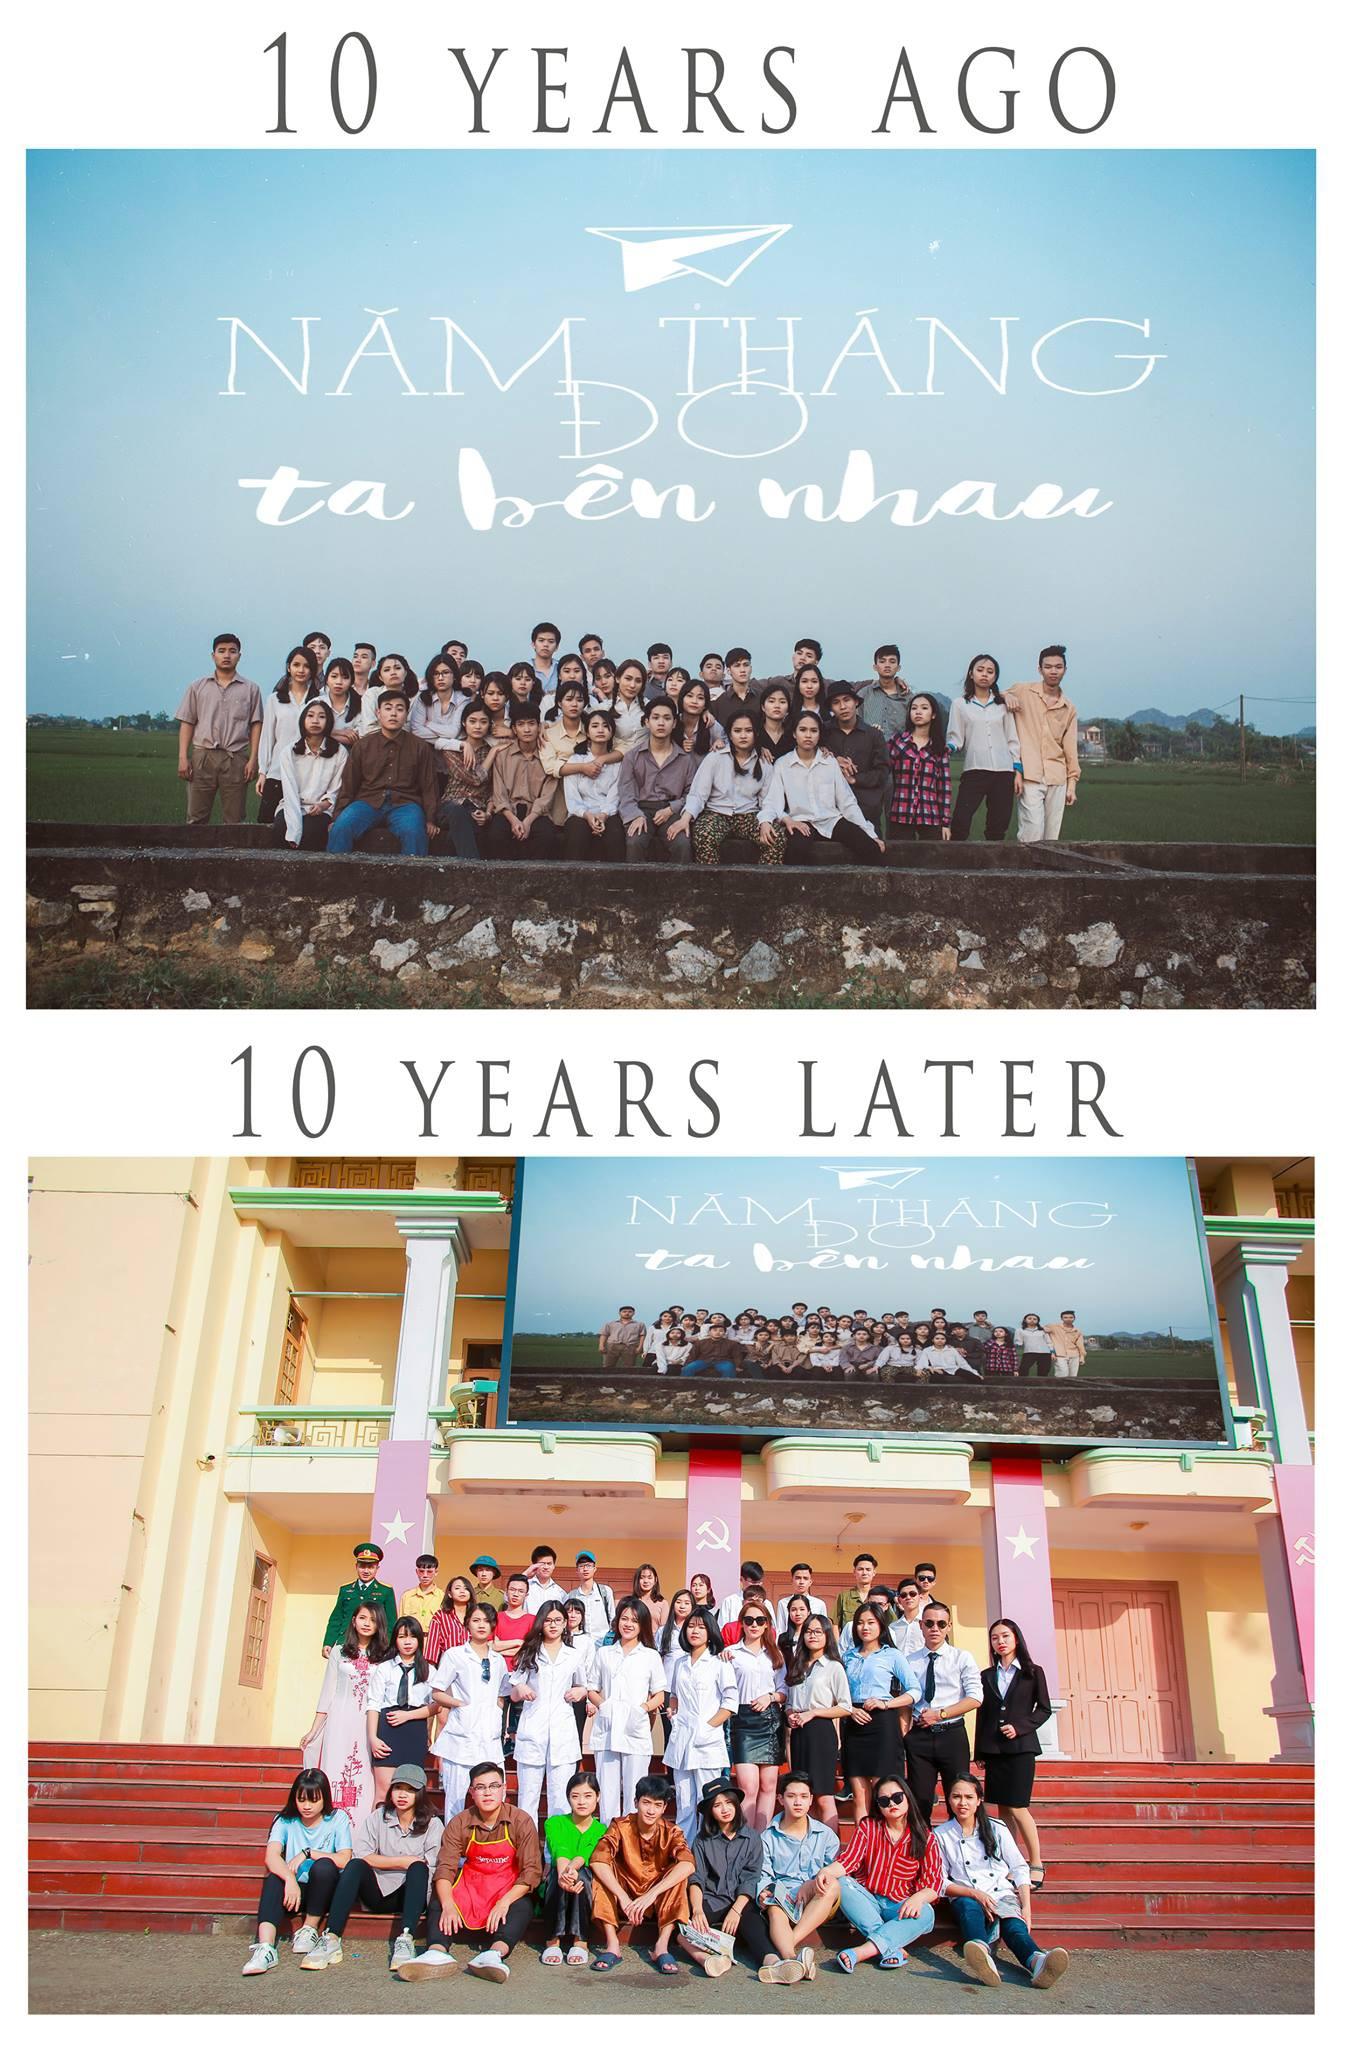 Xem kỷ yếu của nhóm học sinh Ninh Bình mà cứ ngỡ đang thưởng thức phim đi tranh giải Cánh diều vàng - Ảnh 2.